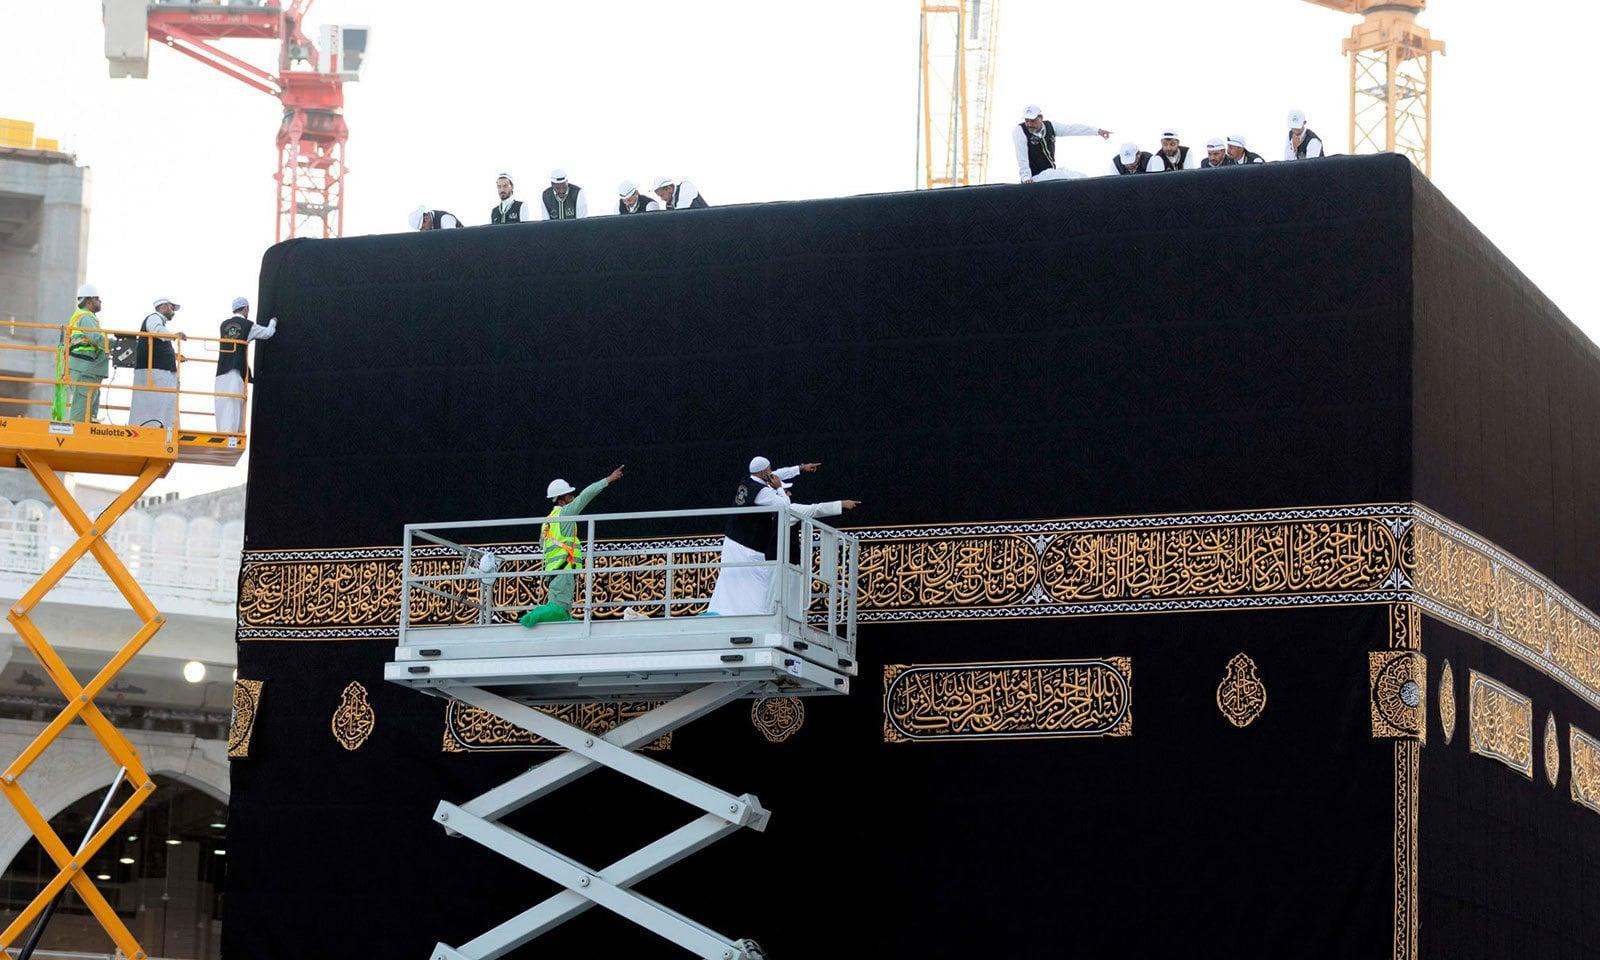 خانہ کعبہ کے نئے غلاف پر 'یا اللہ یا اللہ، لا اله الا الله محمد رسول الله، سبحان الله وبحمده، سبحان الله العظيم، اور' يا ديان يا منان' کے الفاظ درج ہیں— فوٹو: اےا یف پی